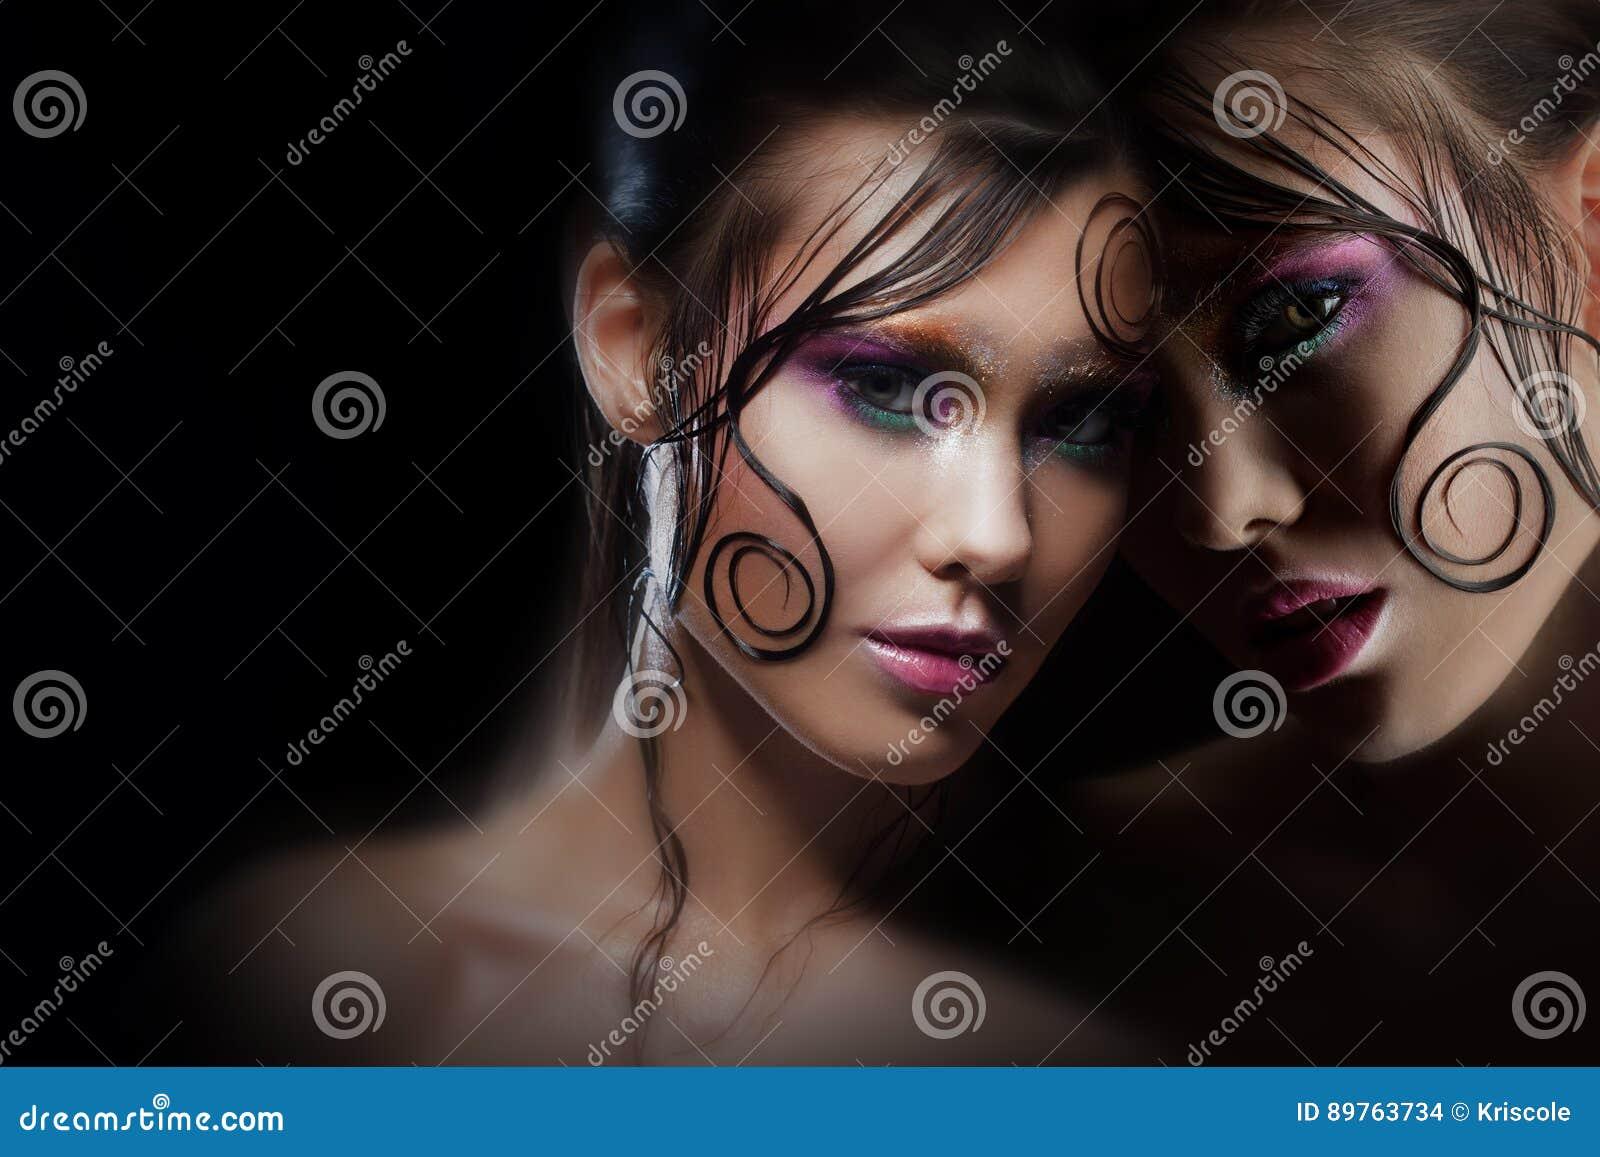 1b96517a83dc Ritratto misterioso con la riflessione Alter ego Ragazza con trucco luminoso  e capelli bagnati